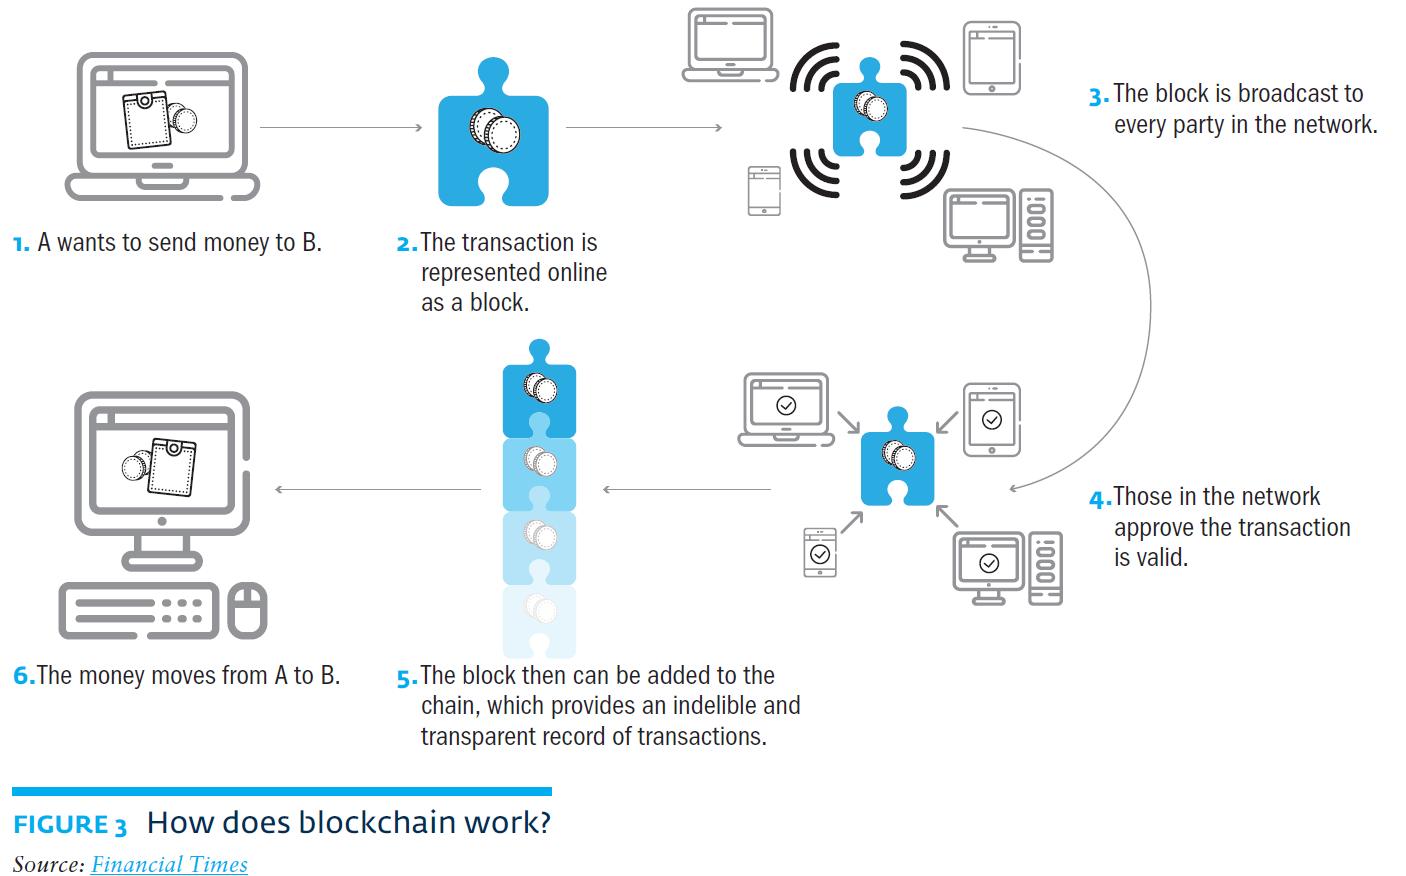 ged_20171215_blockchain_africa